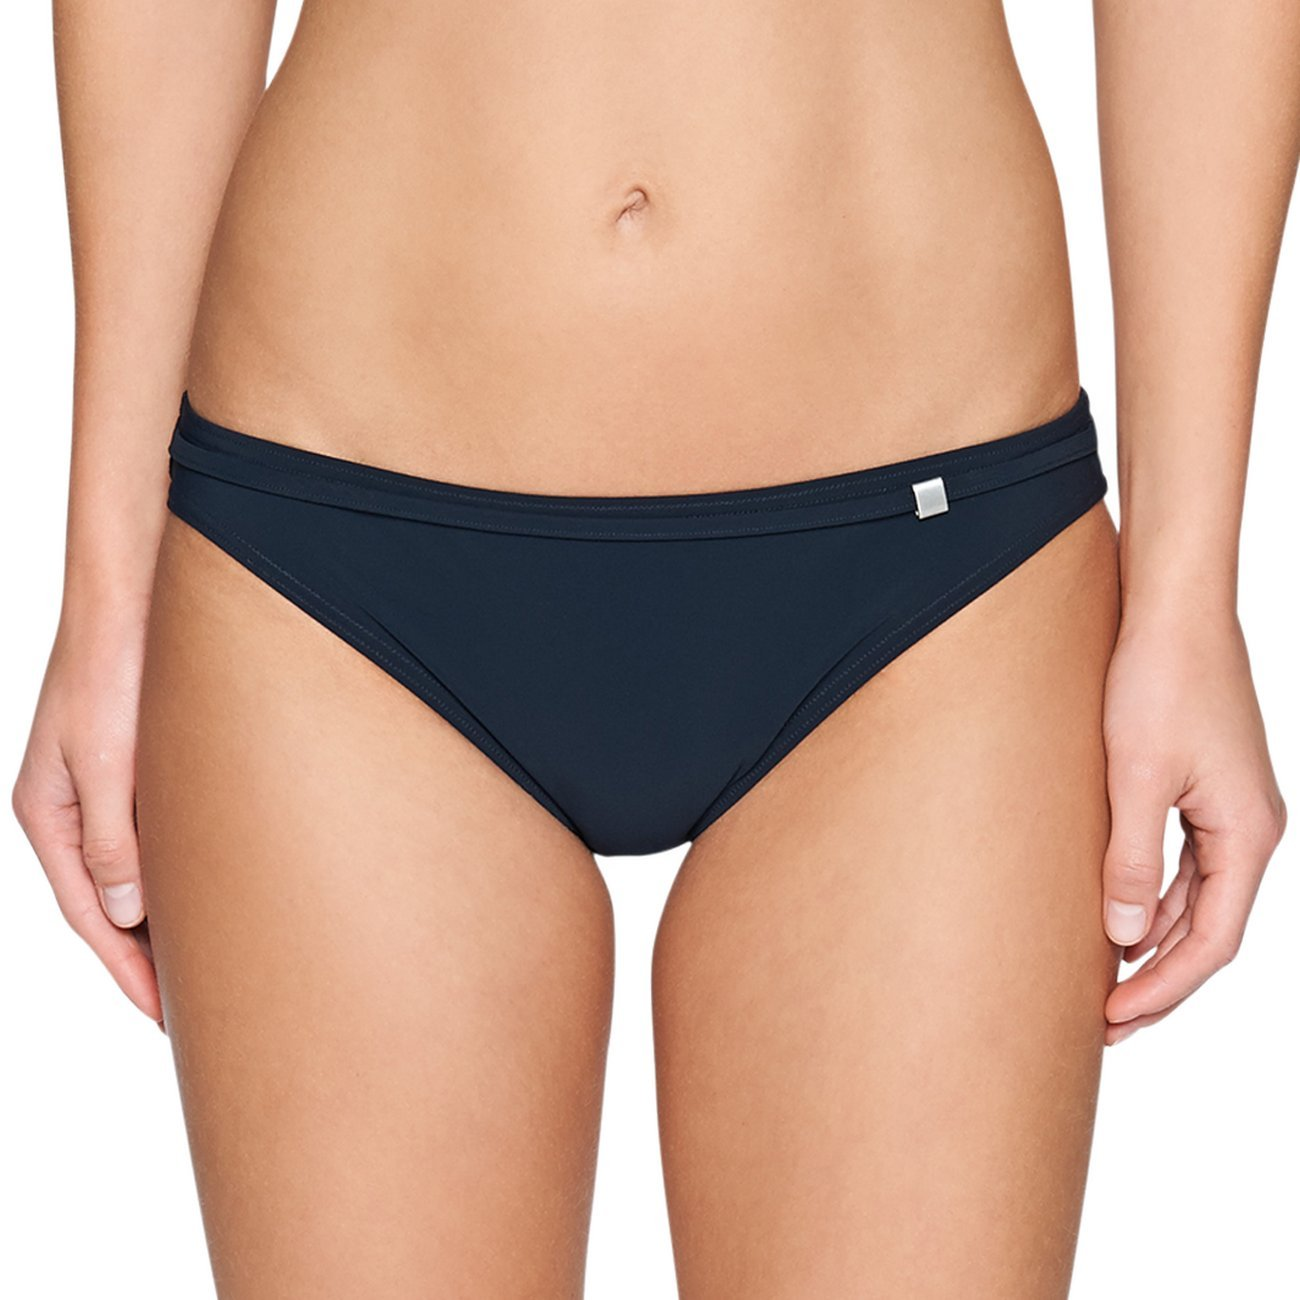 Marc O'Polo Body & Beach Damen Bikinihose Bikini-Slip 146426